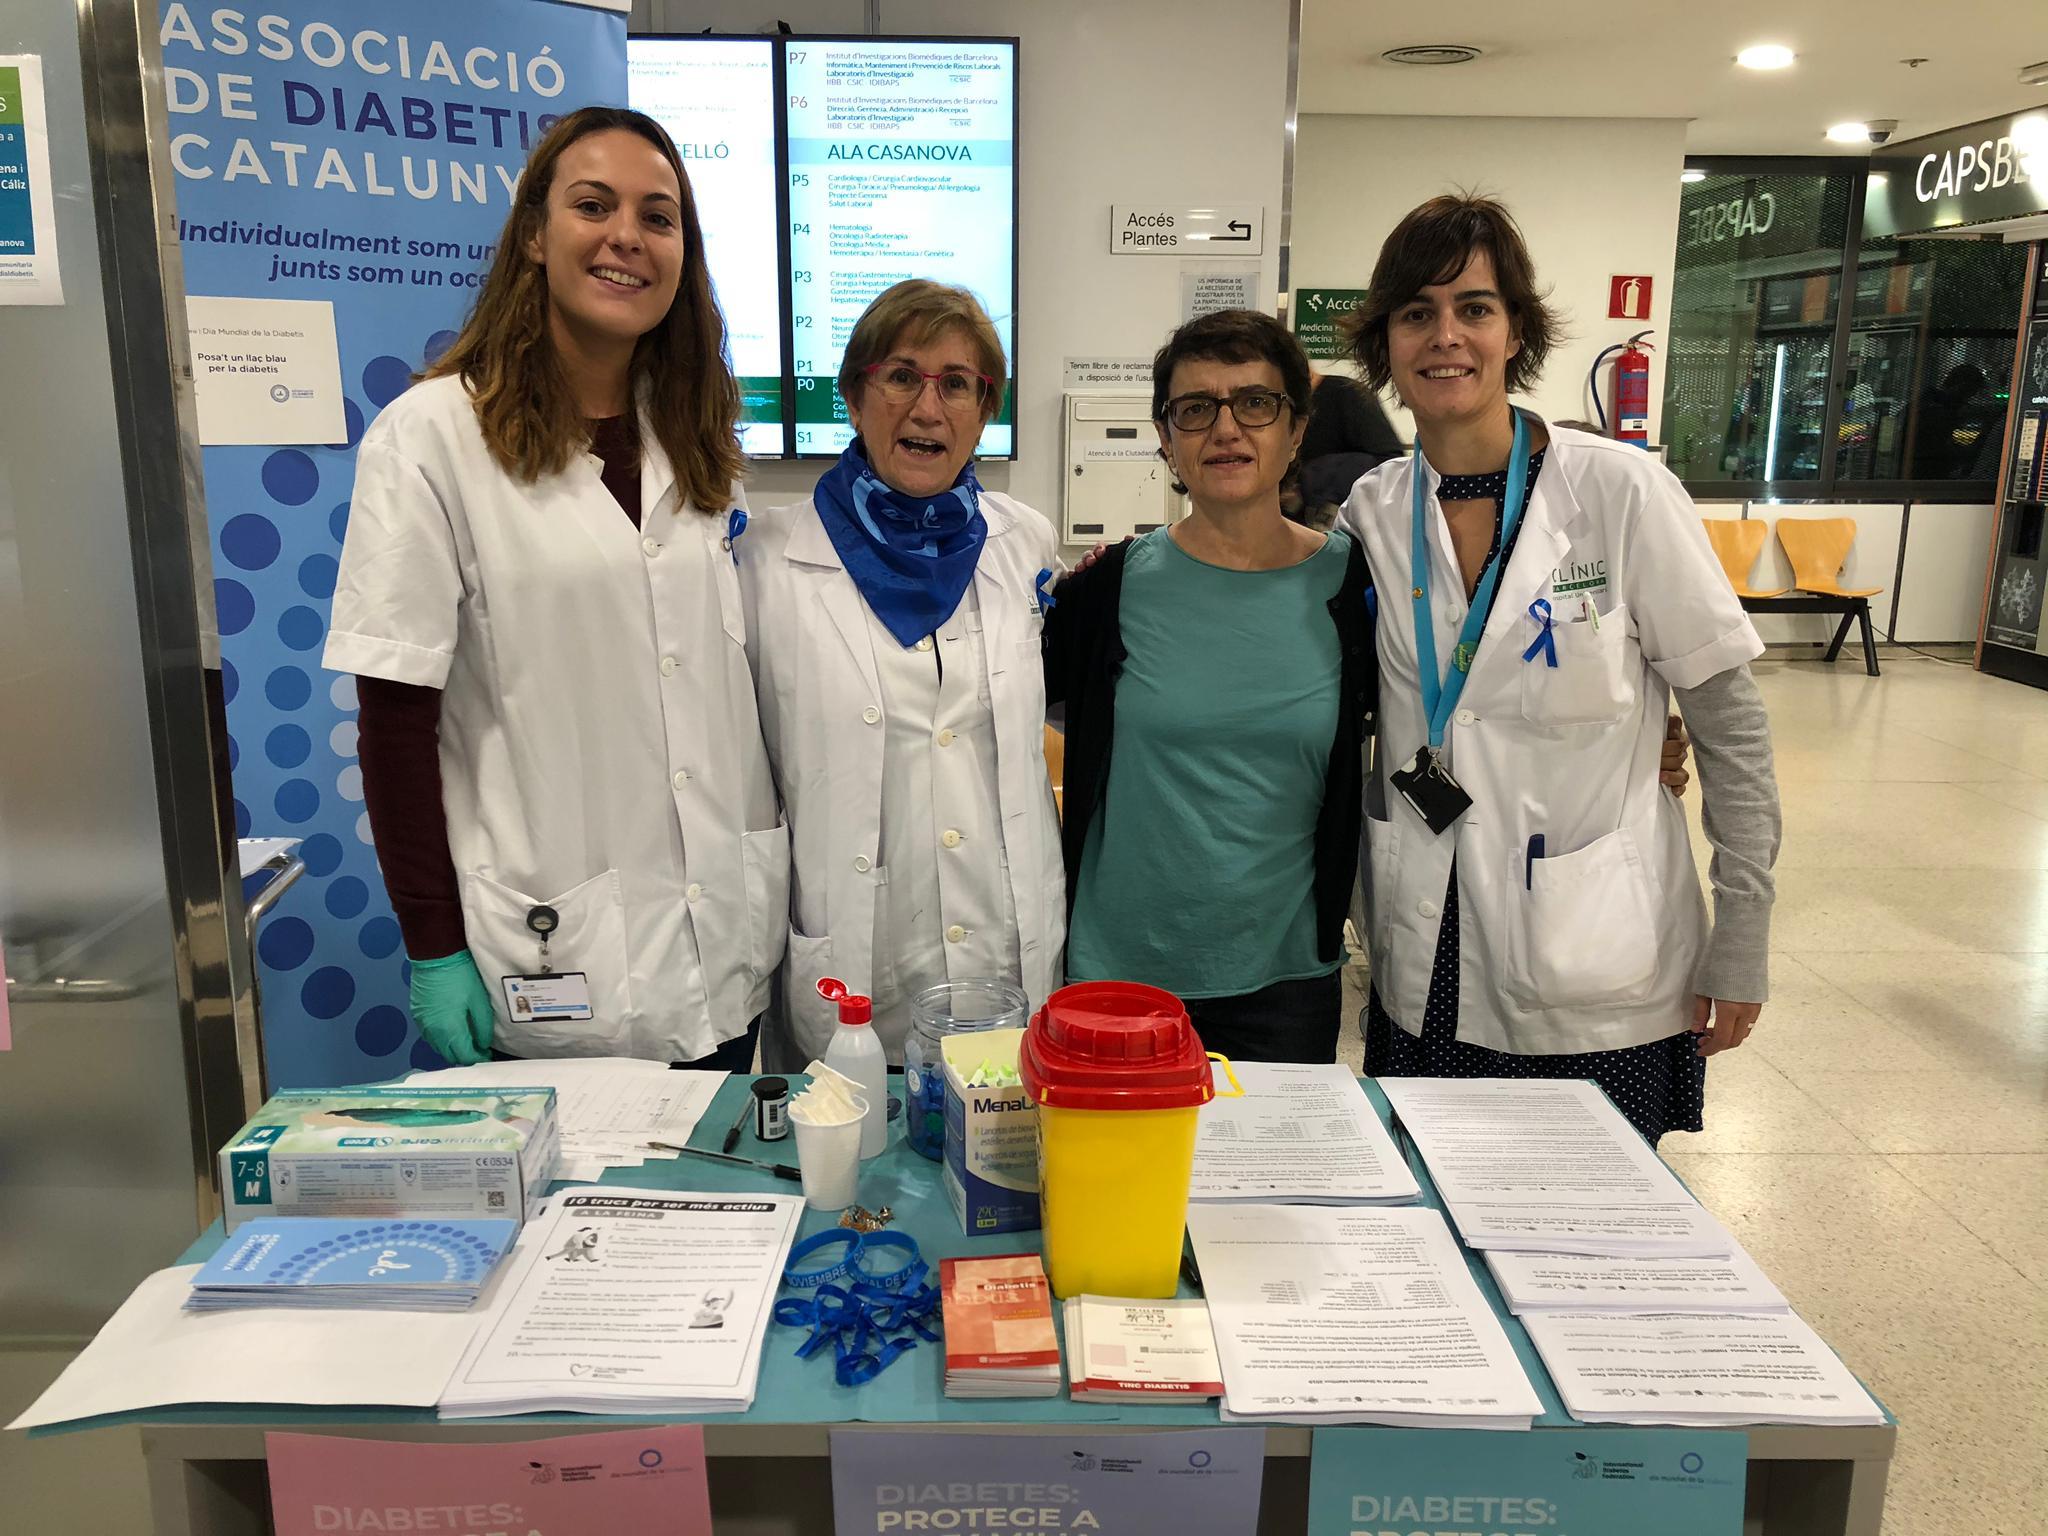 Associació de Diabetis de Catalunya a l'Hospital Clínic.